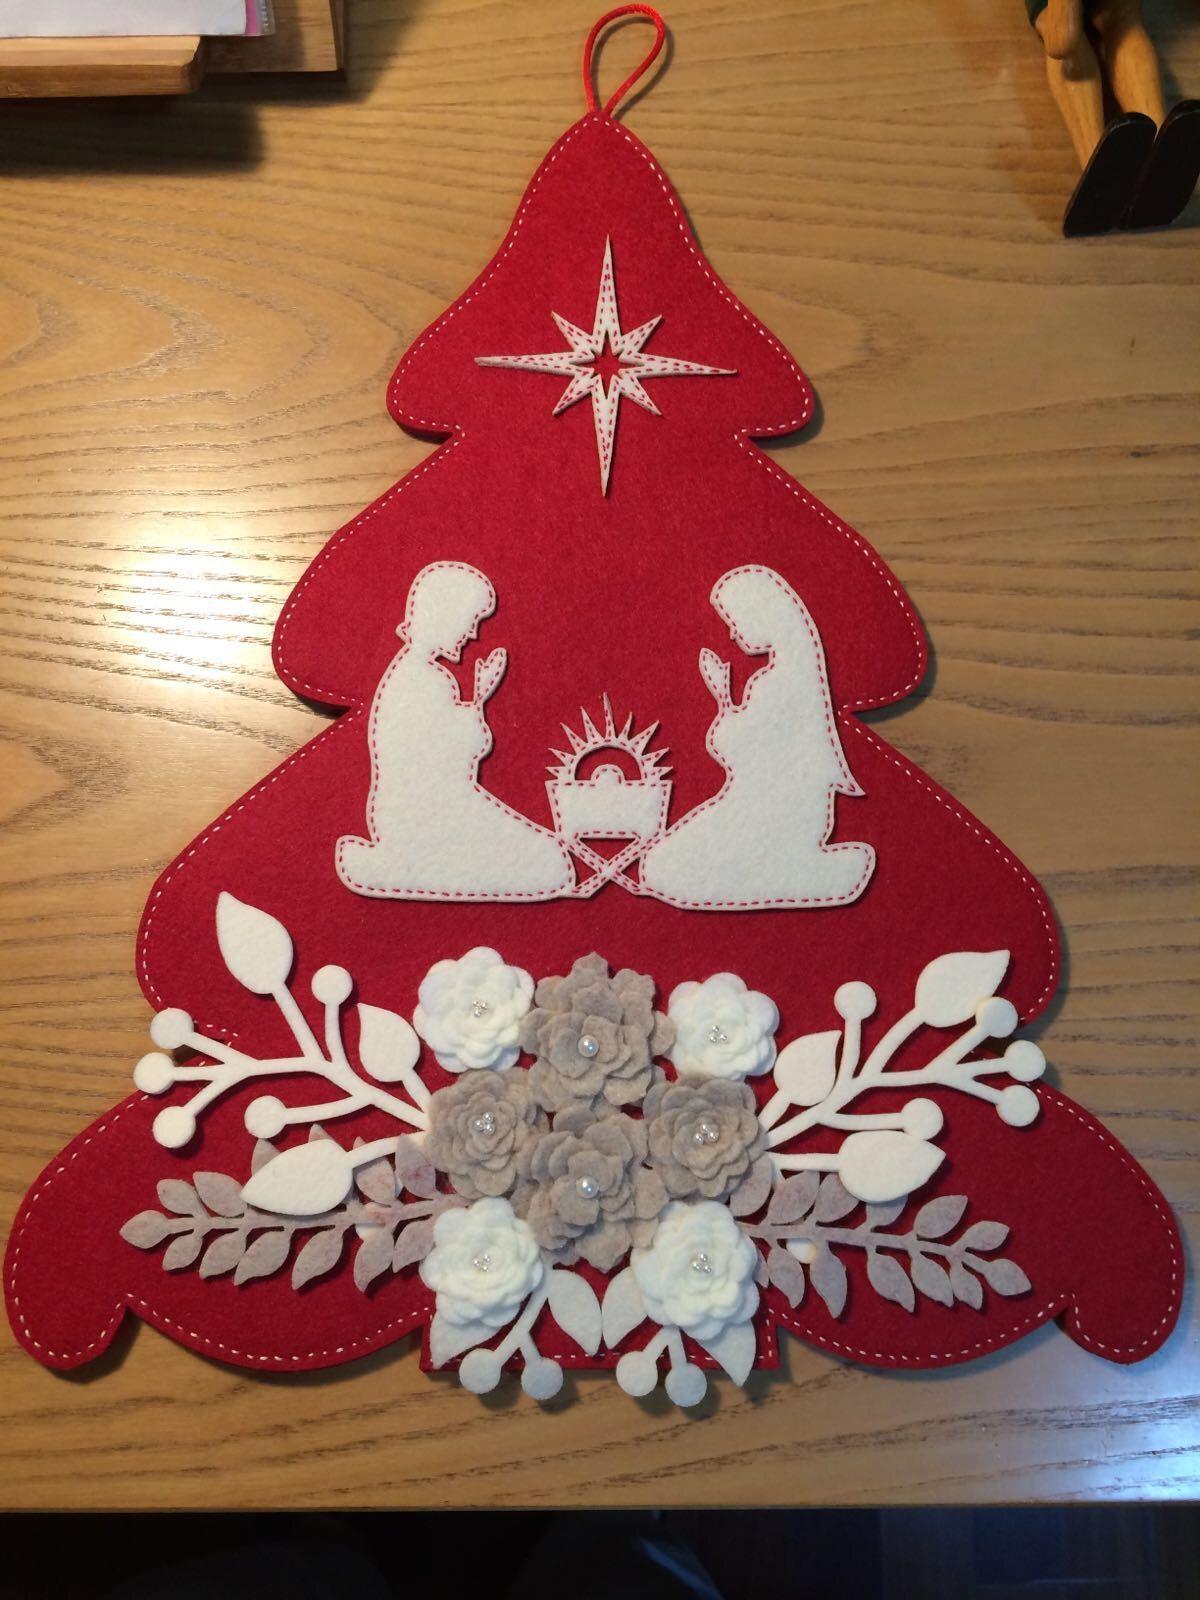 99 Cuando Poner La Decoracion De Navidad 2018 Check More At Https Www Adweekbrandgeniu Artesanías Navideñas Manualidades Navideñas Hacer Adornos De Navidad